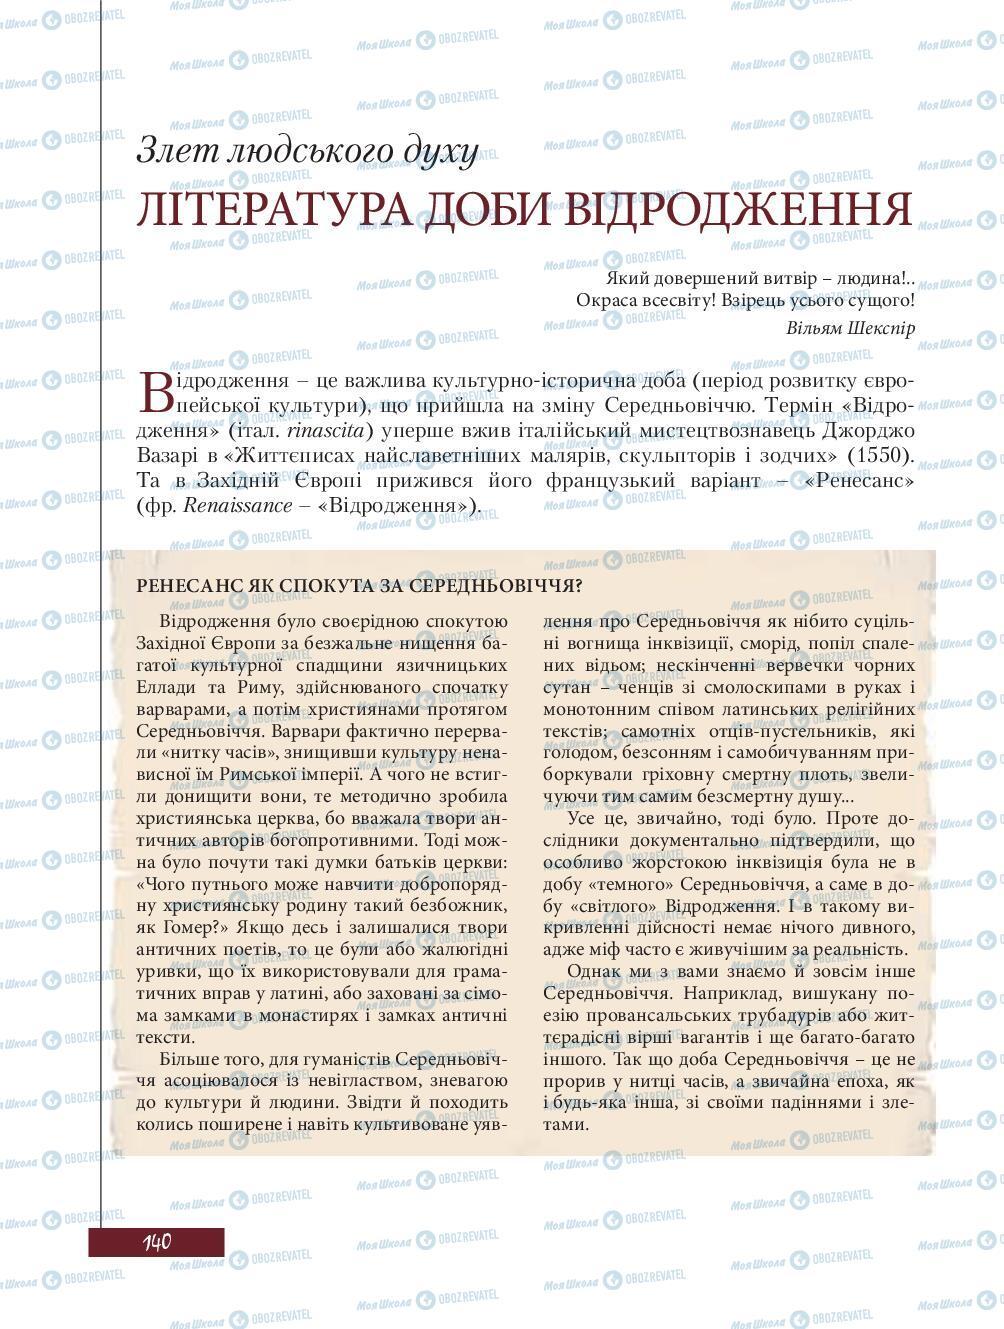 Підручники Зарубіжна література 8 клас сторінка 140